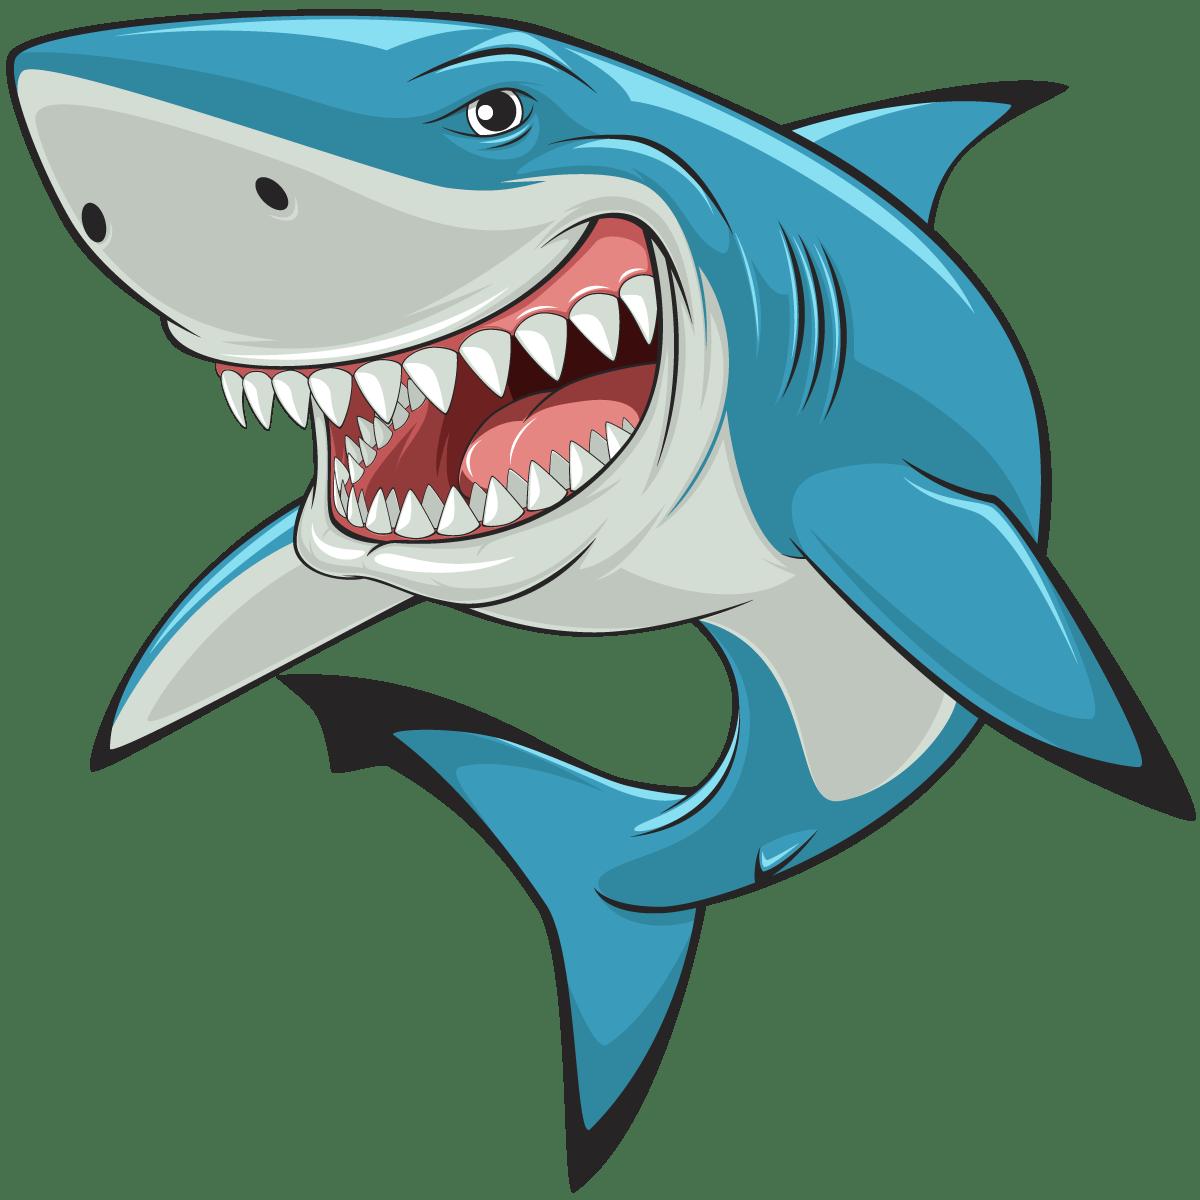 Cartoon of grinning shark